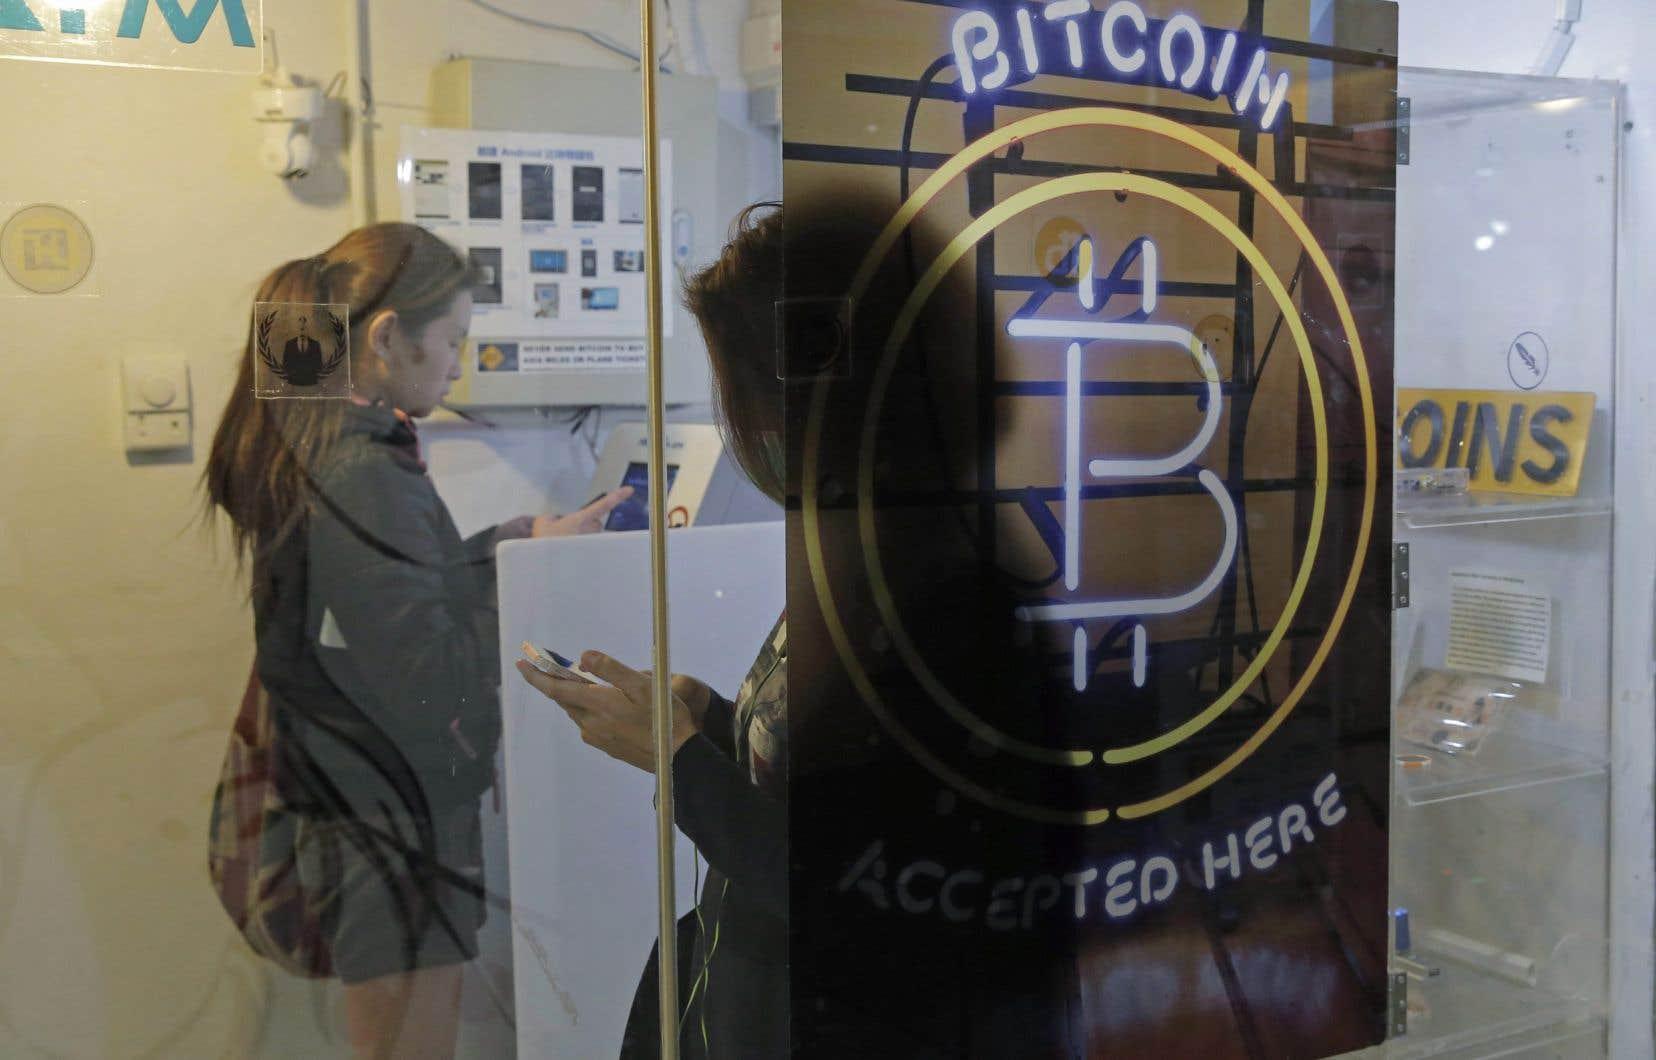 Les cryptomonnaies sont dans la mire des régulateurs depuis l'attention spéculative portée à la plus célèbre de ces monnaies, le bitcoin, qui a vu son cours flirter avec la barre des 20000$US l'an dernier.